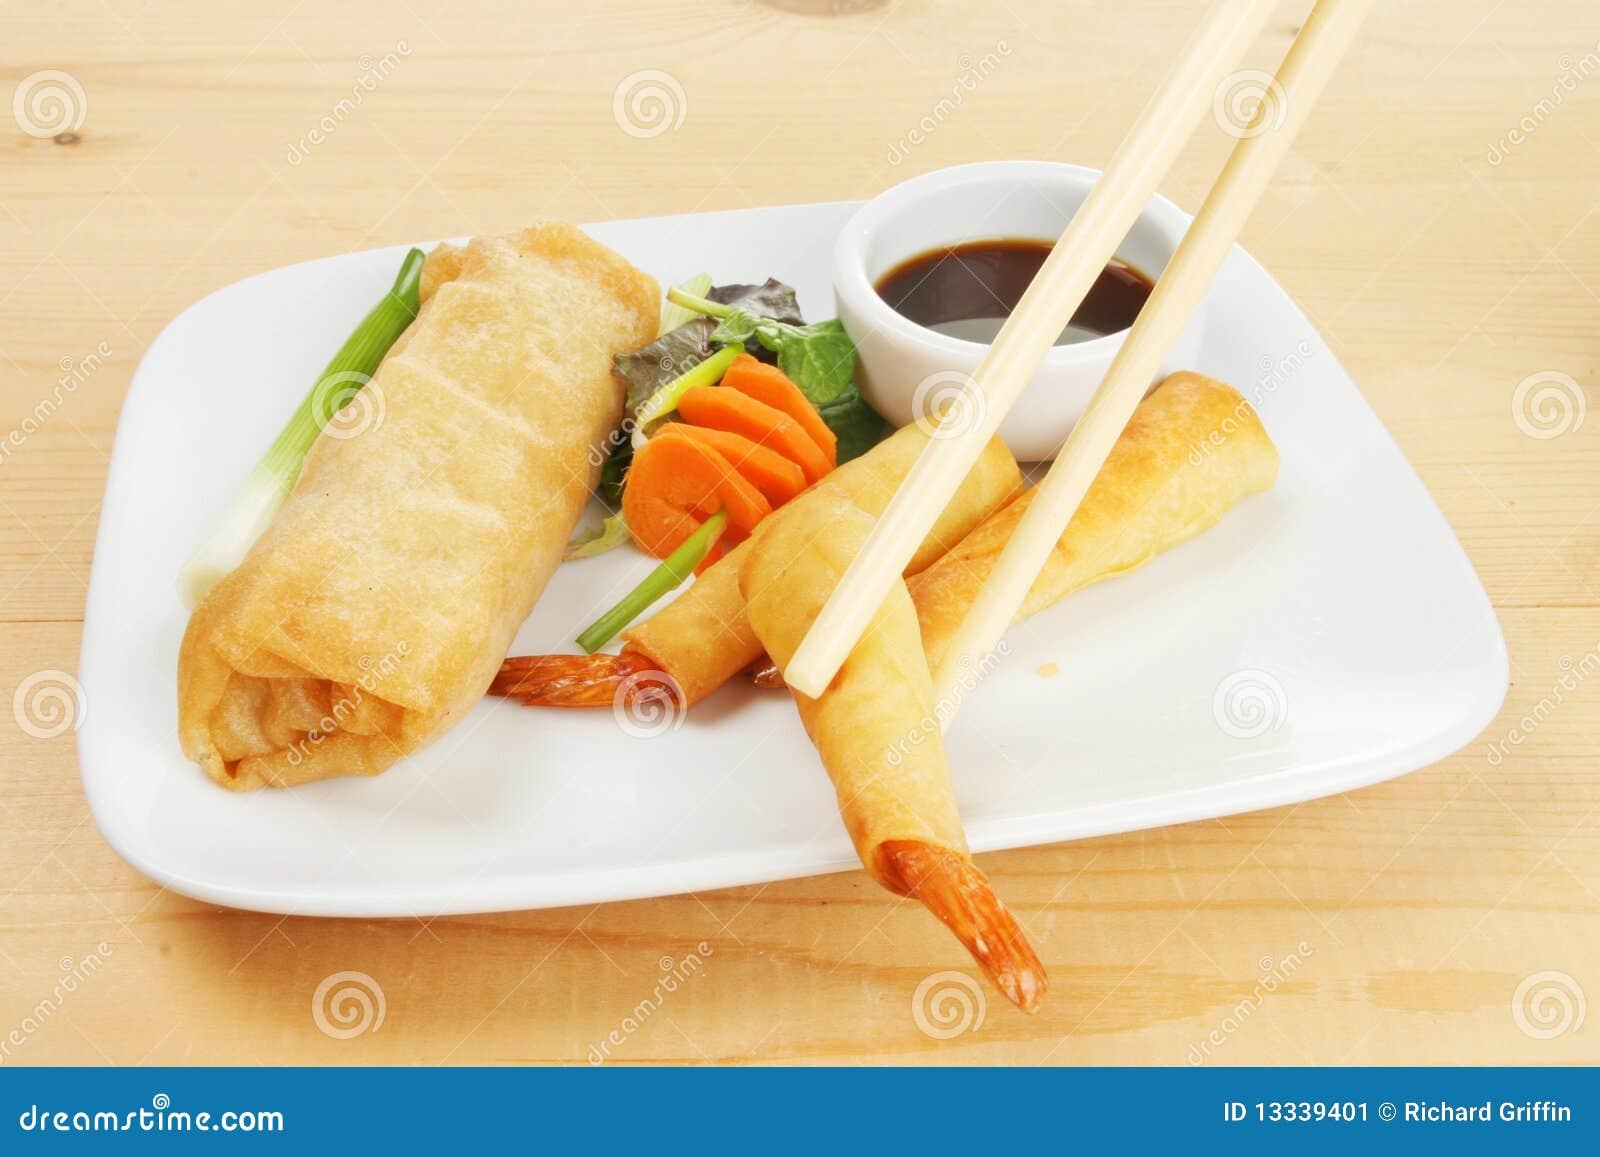 筷子推力大虾